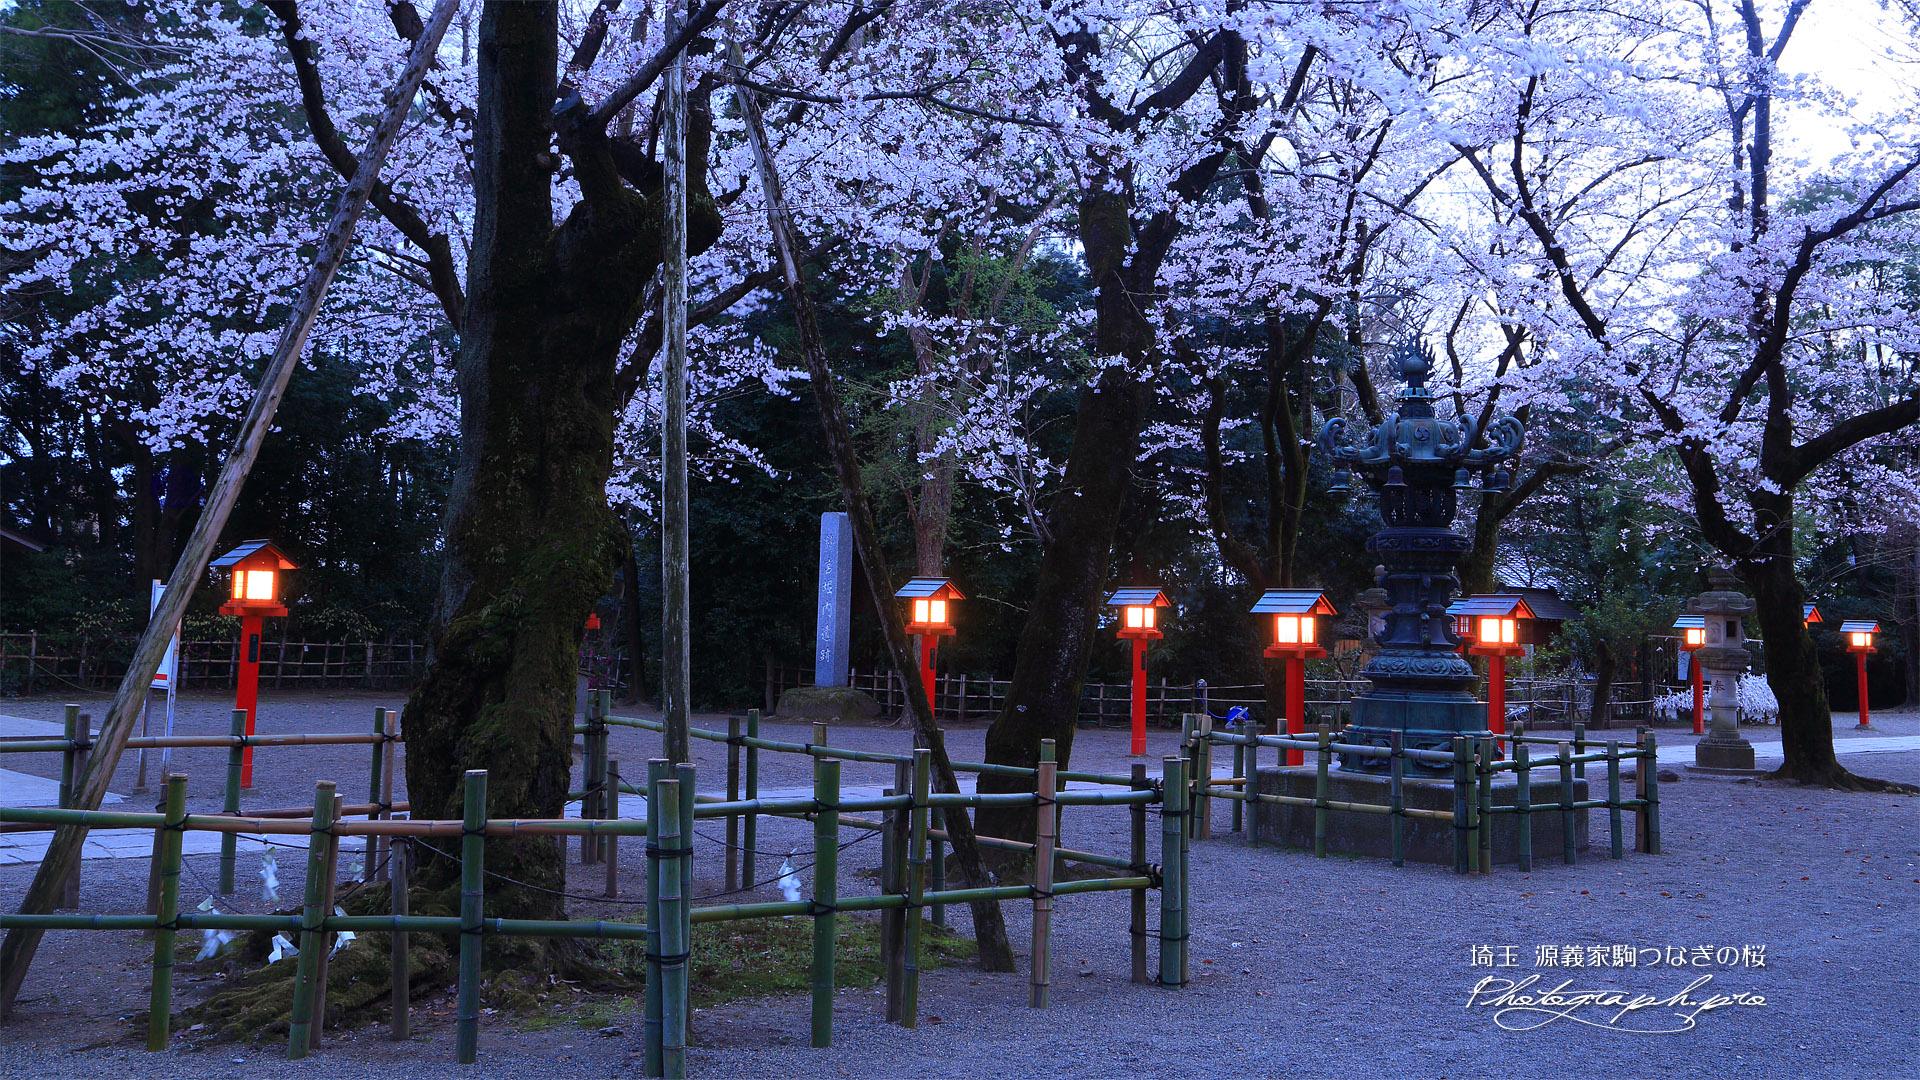 八幡太郎源義家駒つなぎの桜